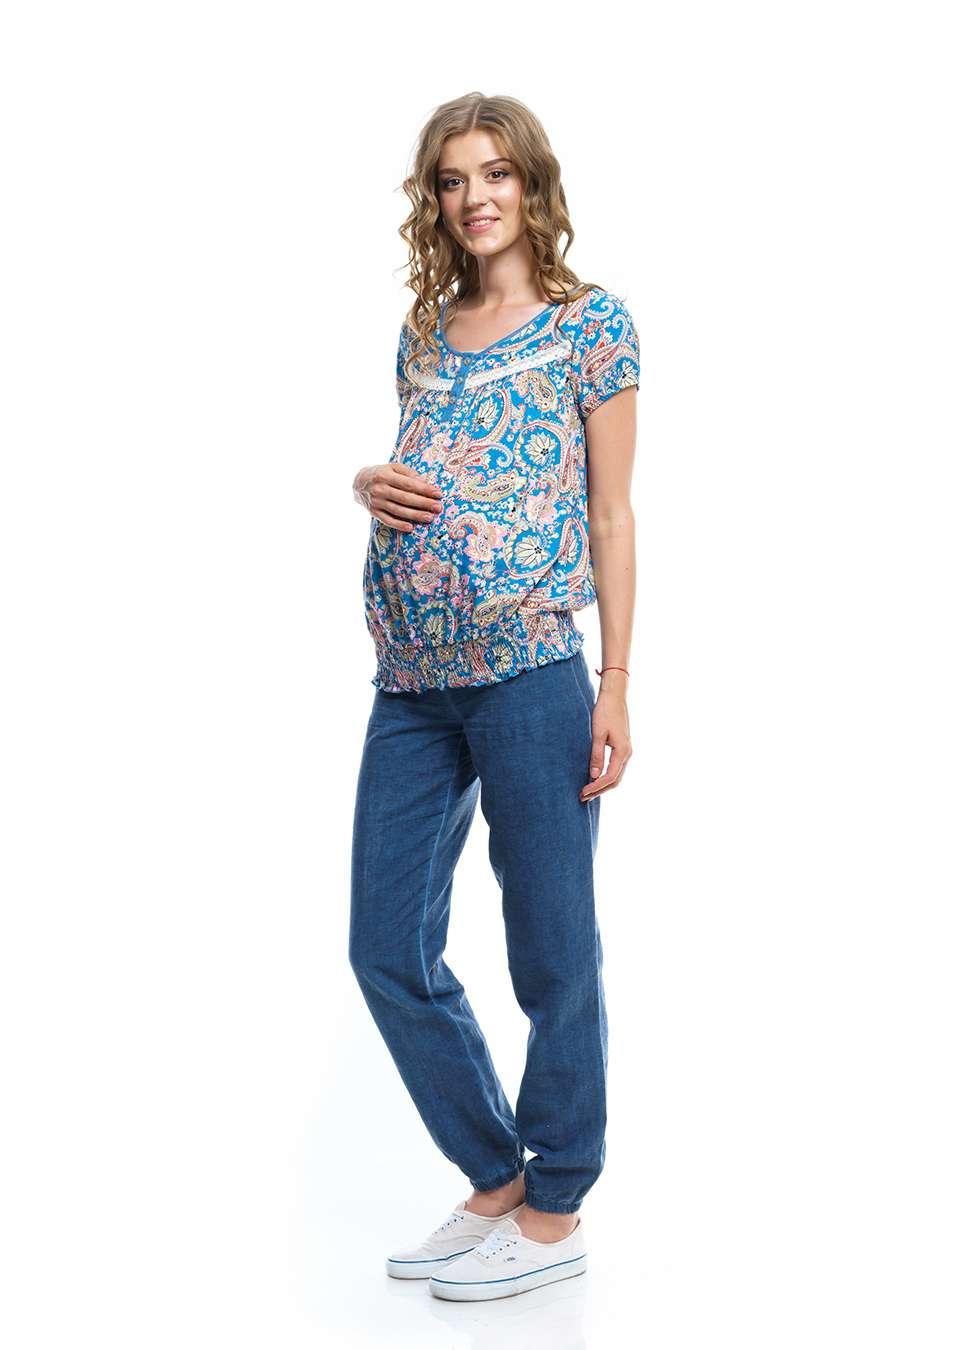 Блуза Флора  для беремееных